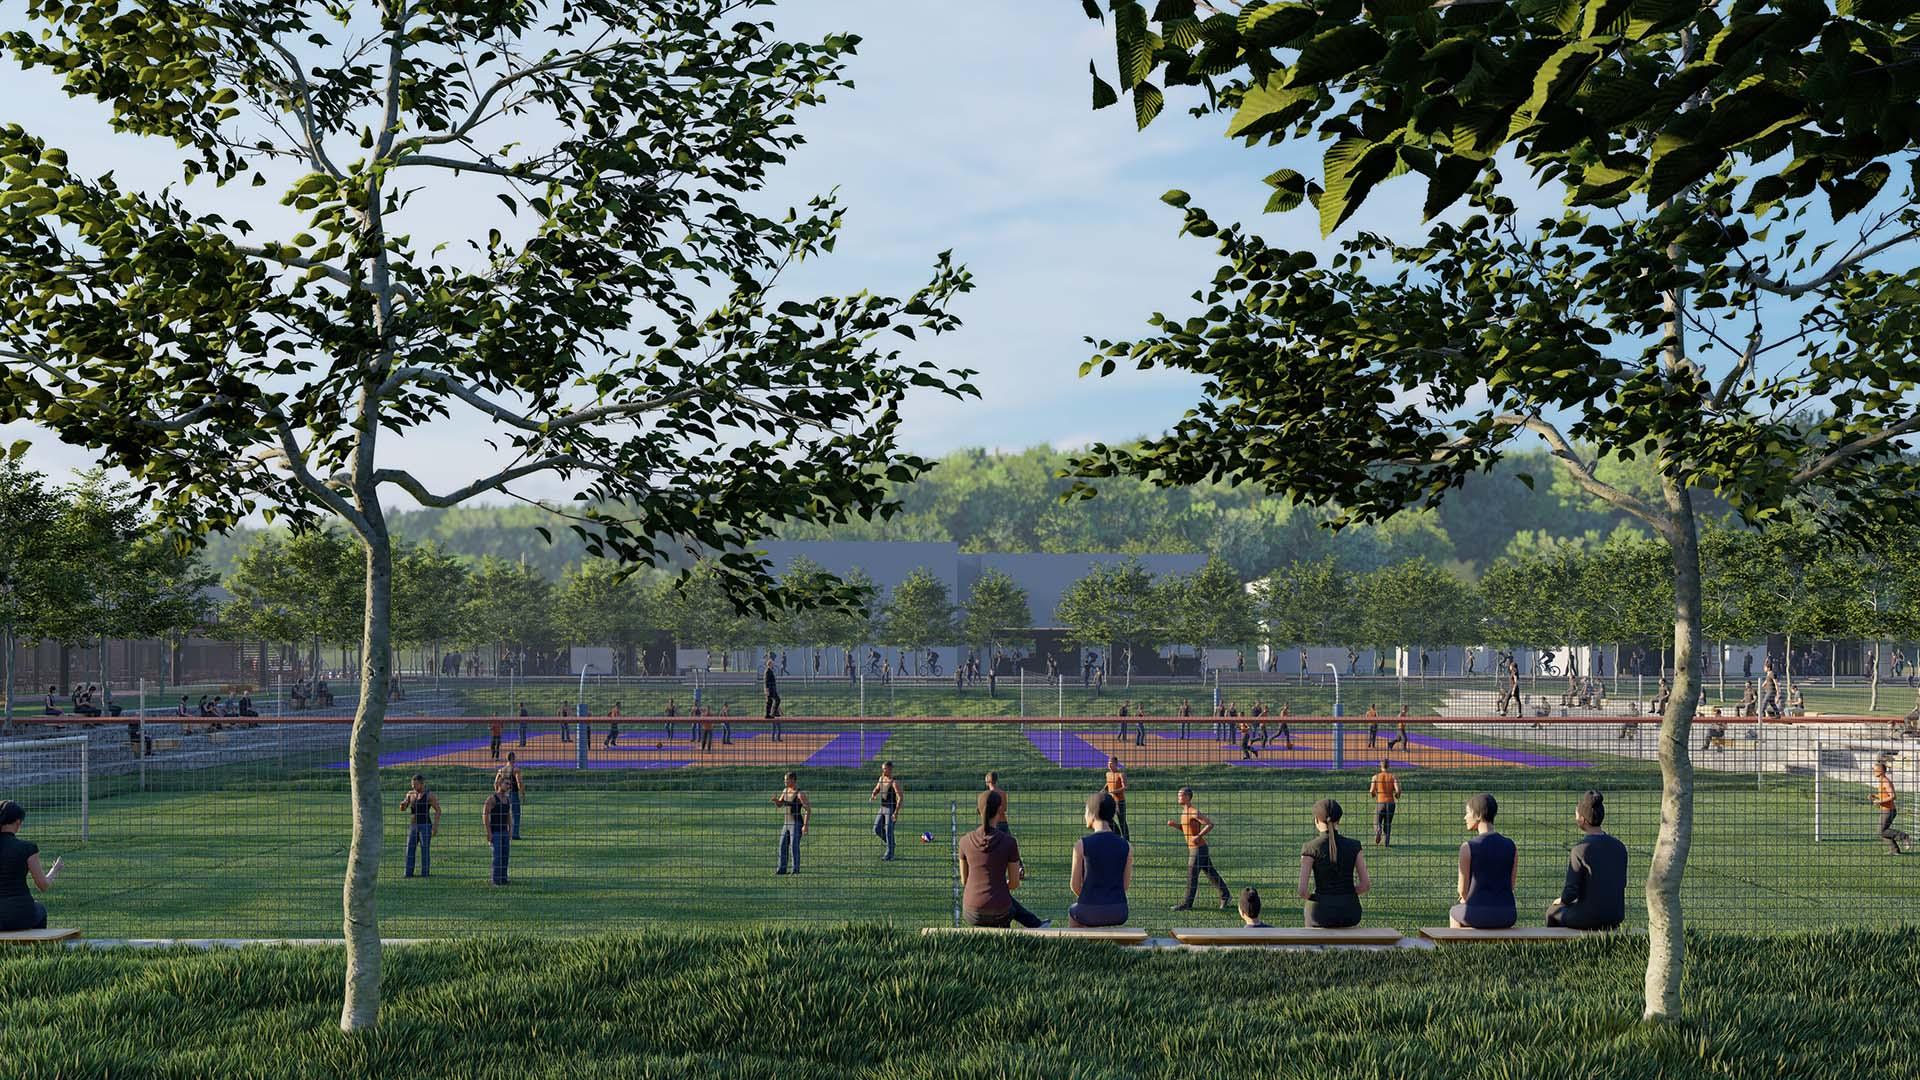 Spor Alanları ve Amfi Oturma Alanı